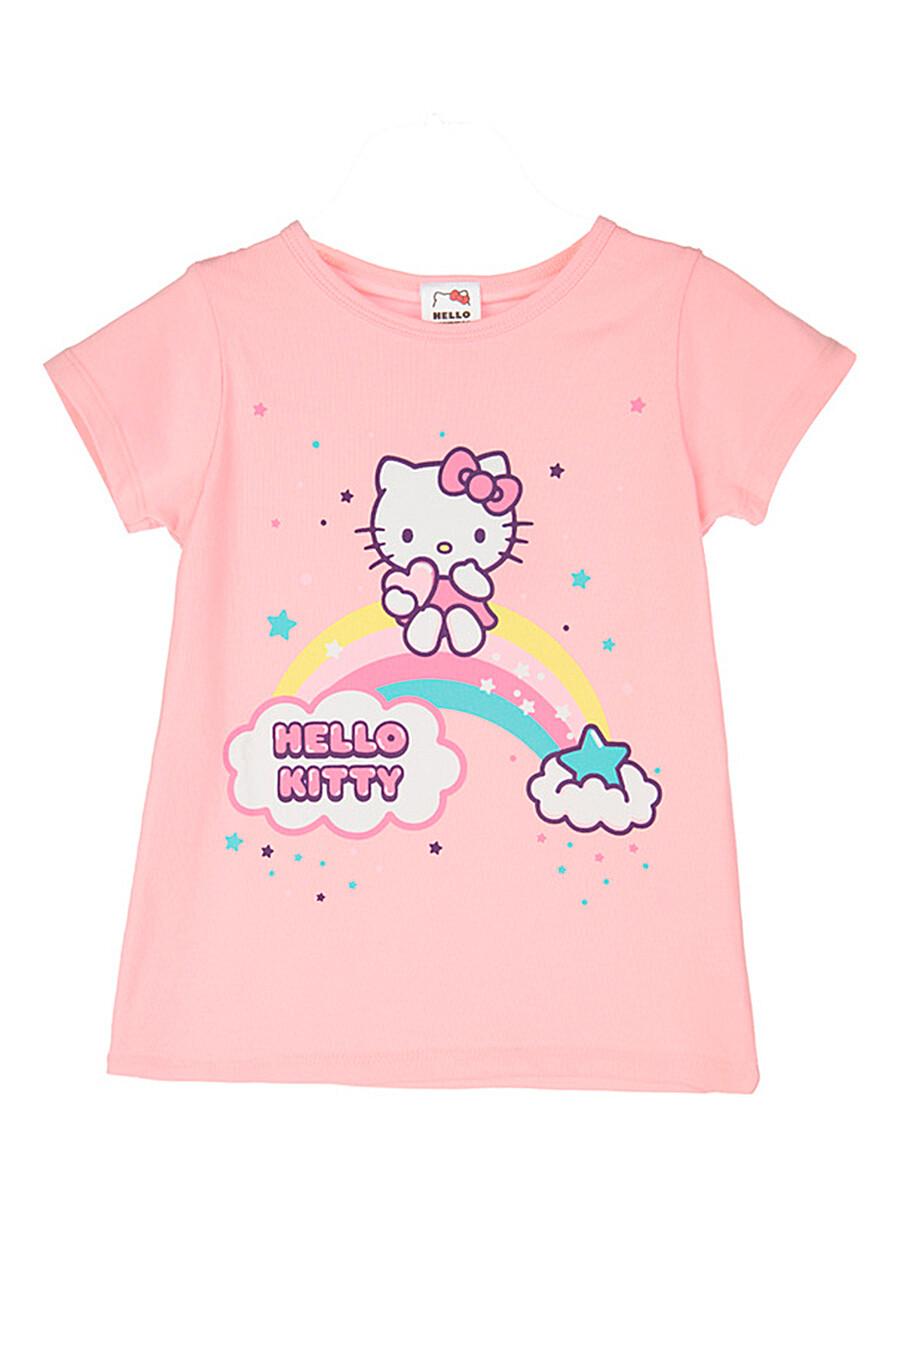 Пижама(Футболка+брюки) для девочек PLAYTODAY 239285 купить оптом от производителя. Совместная покупка детской одежды в OptMoyo